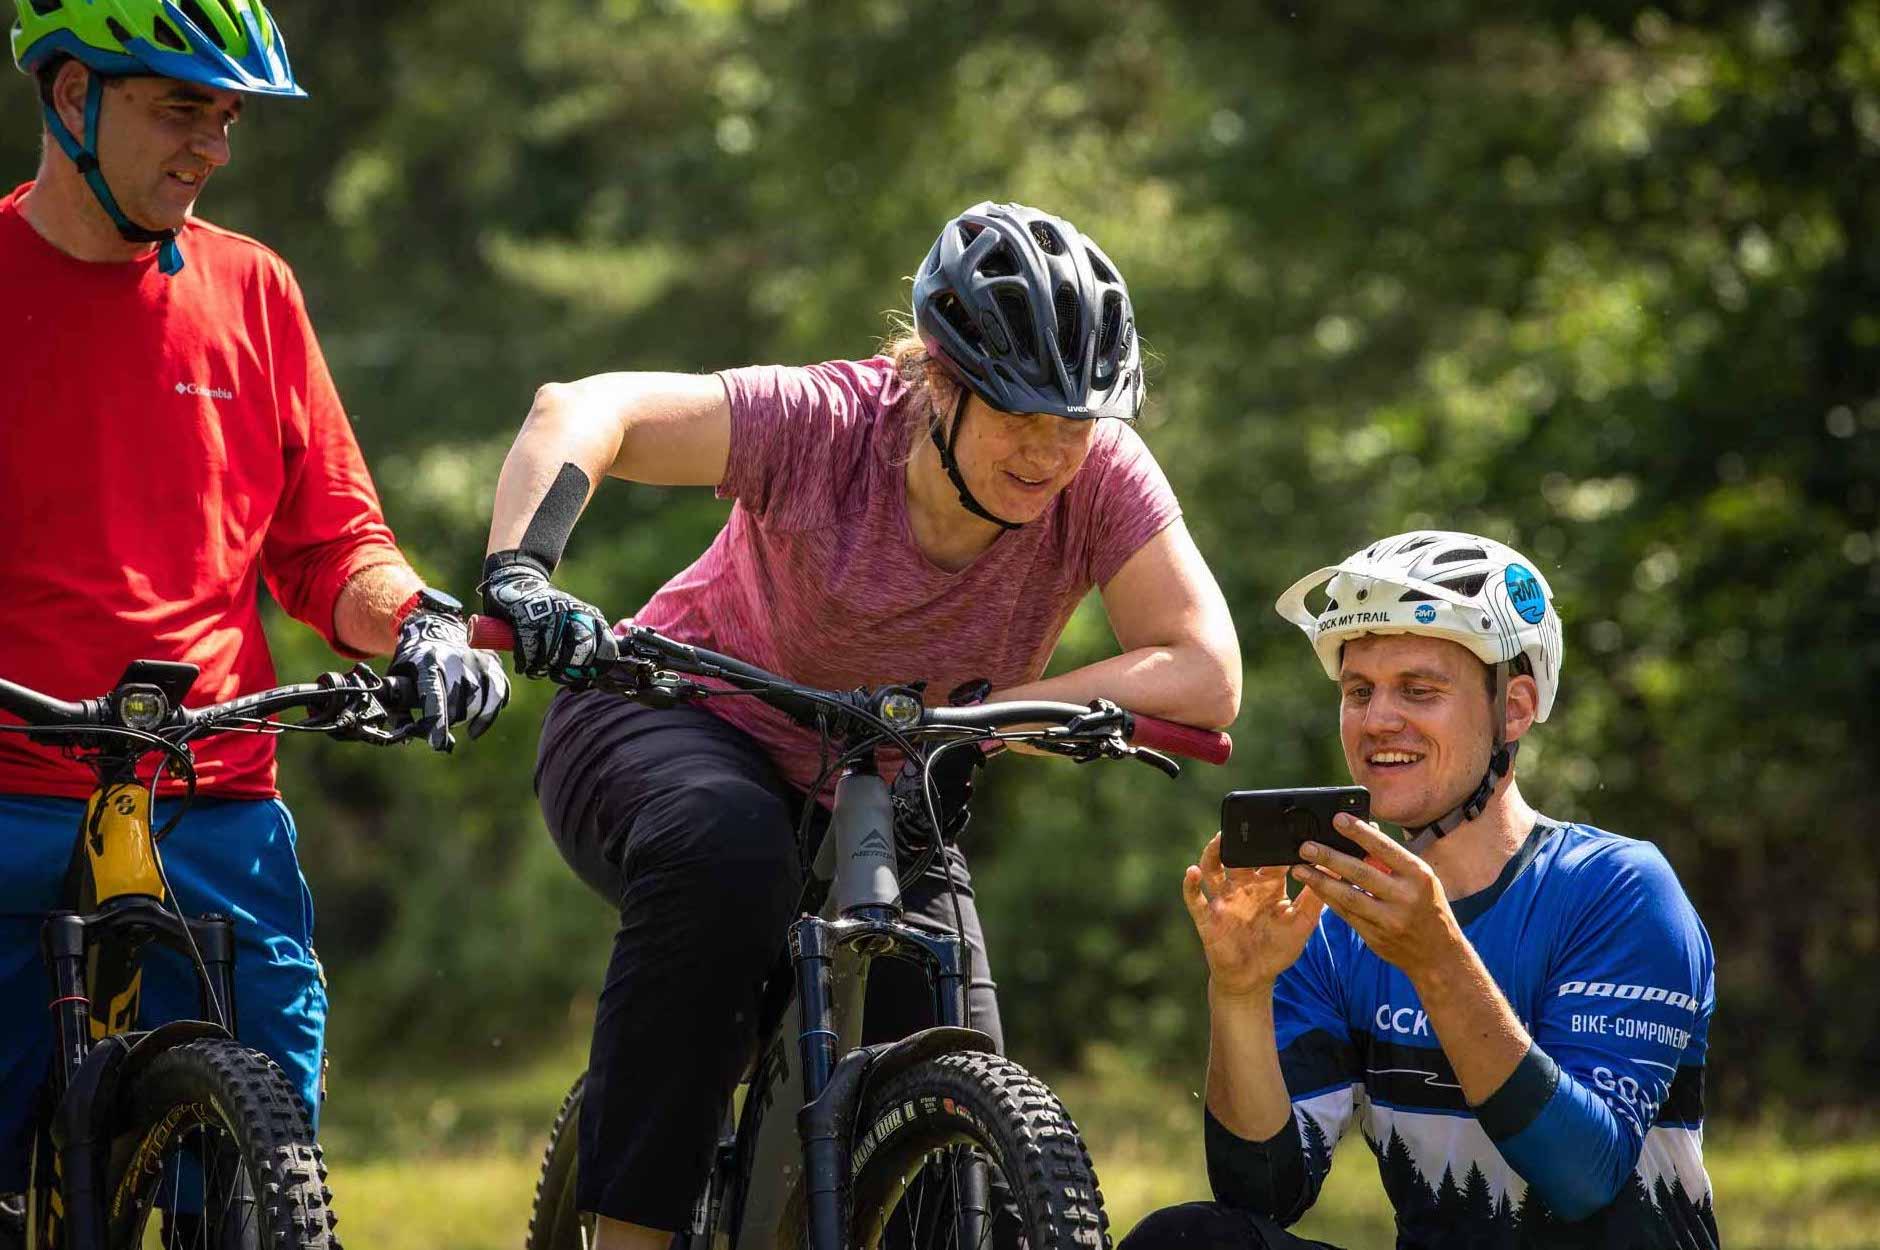 Fahrtechnik Wochenende Basic+ Hannover |Bad Salzdetfurth - Wochenend Intensiv Training - Rock my Trail - Bikeschule